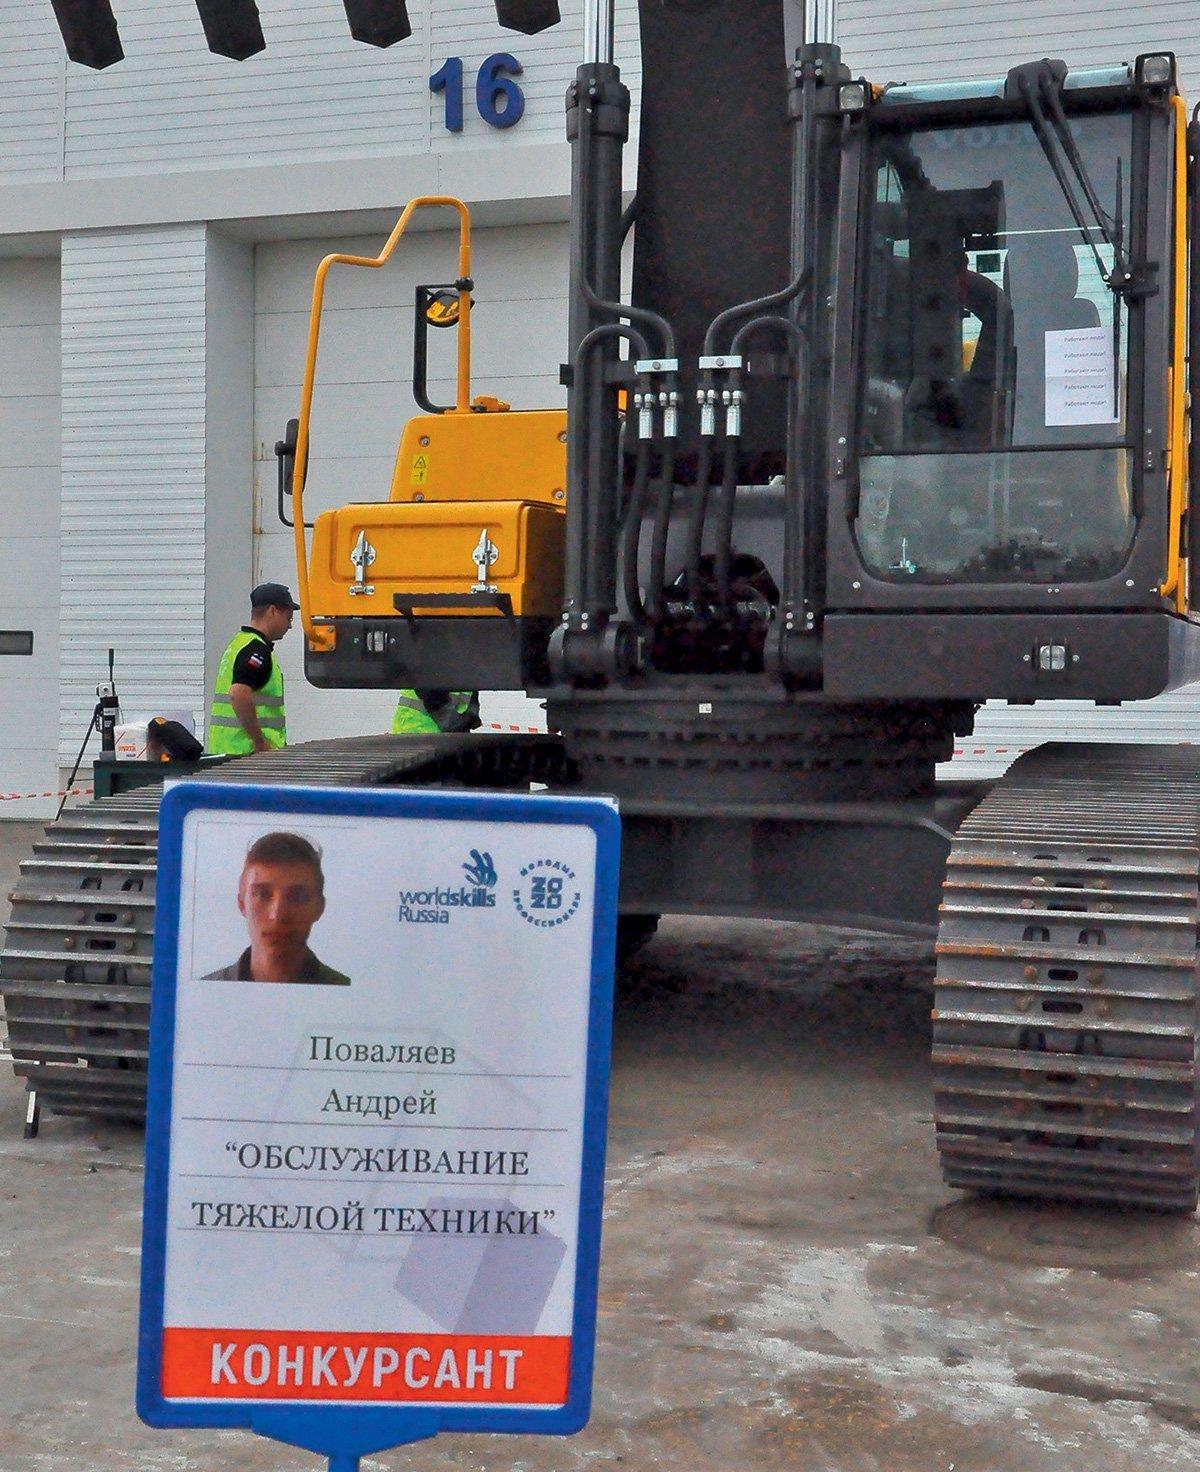 Обслуживание тяжелой техники на WorldSkills Russia: как молодёжь за медали боролась